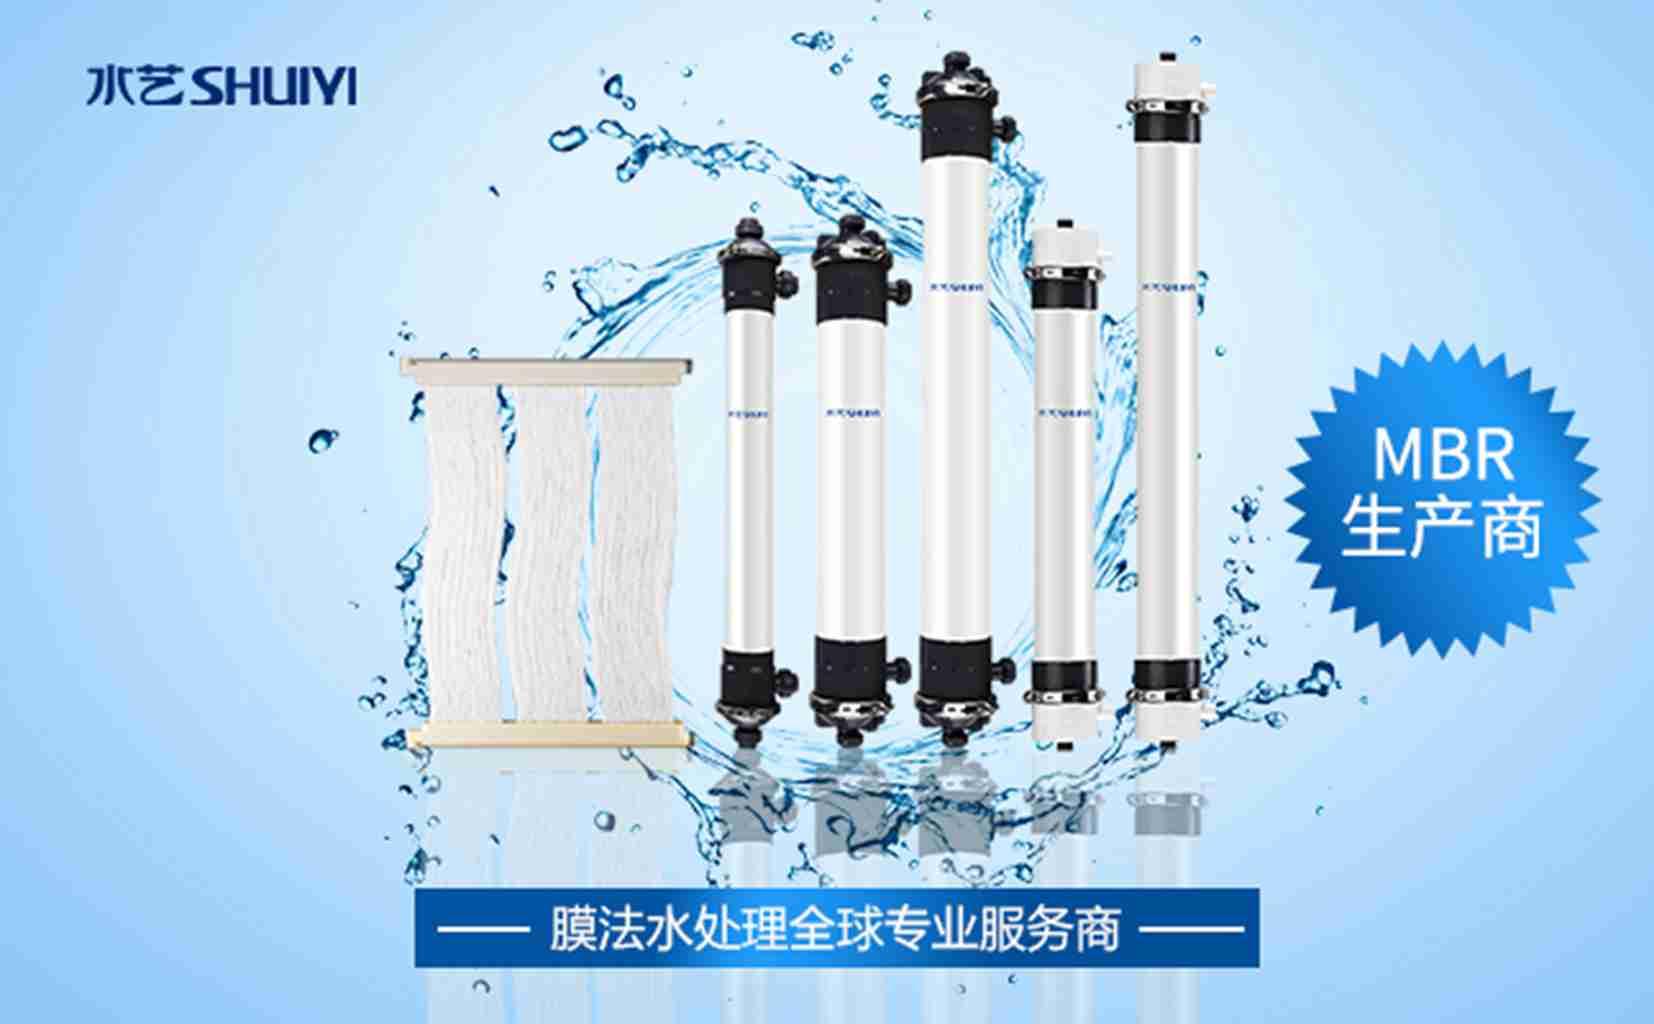 上海压力式mbr膜咨询 宁波水艺膜供应